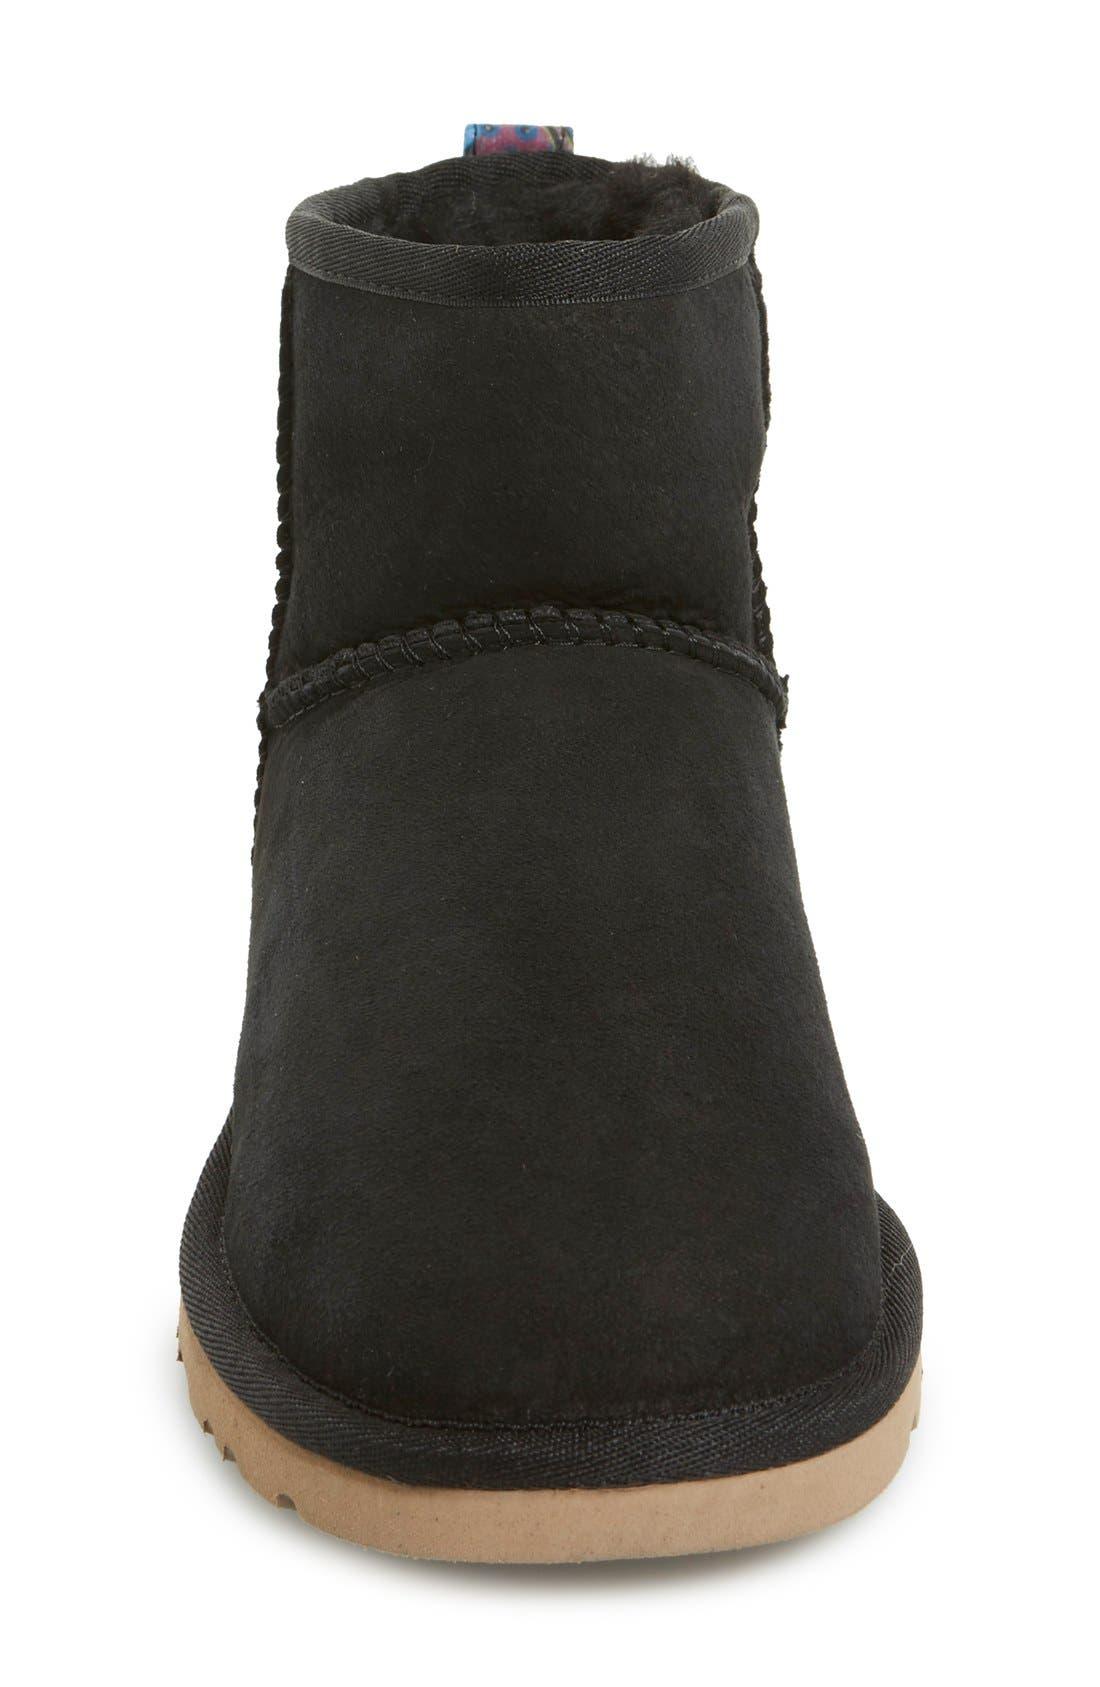 x Liberty of London 'Classic Mini' Boot,                             Alternate thumbnail 2, color,                             021